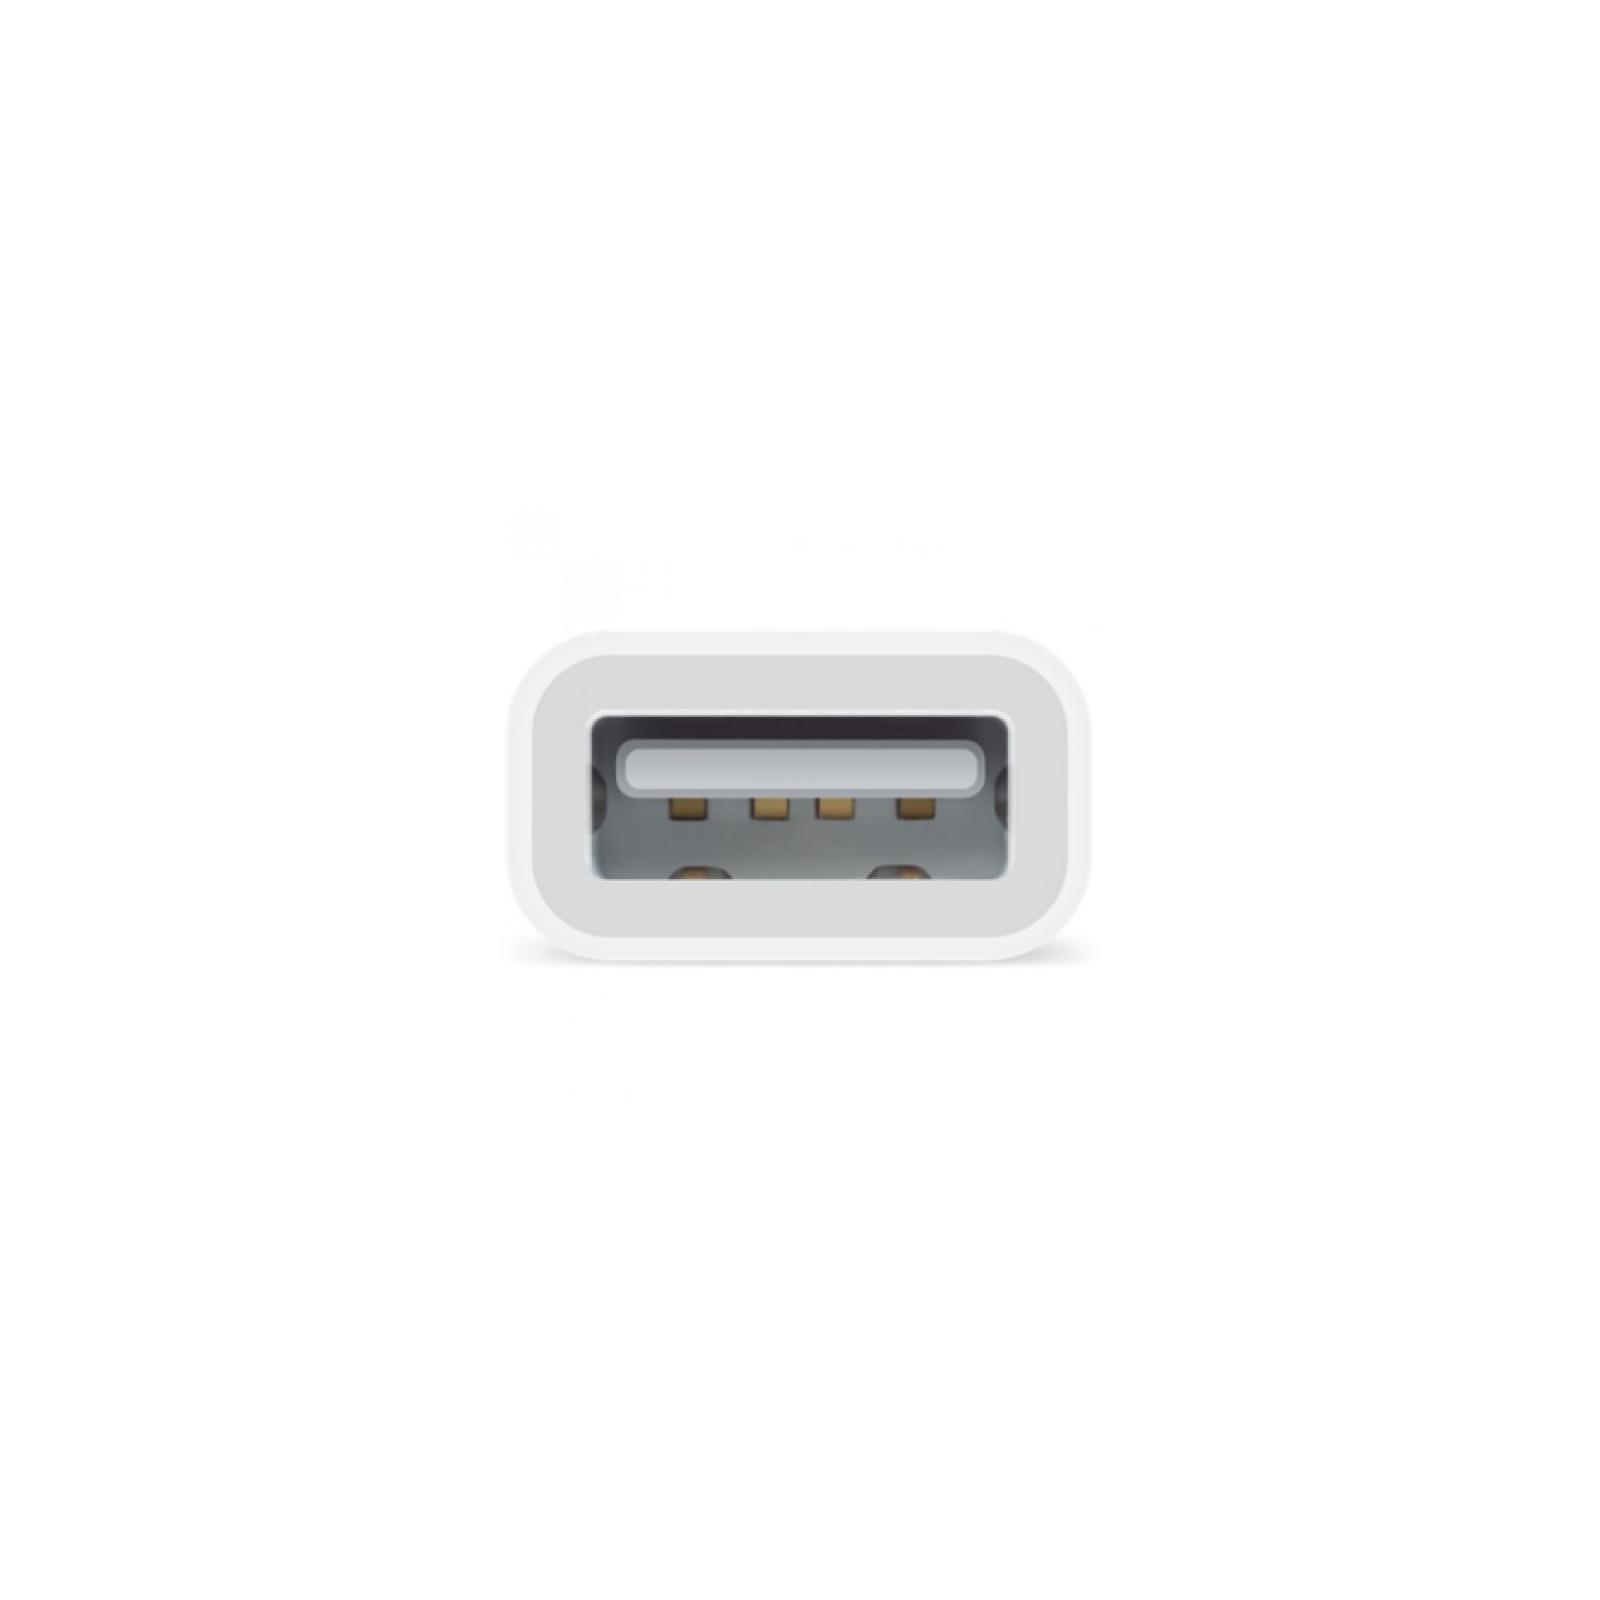 Переходник Apple Lightning to USB Camera для iPad (MD821ZM/A) изображение 2